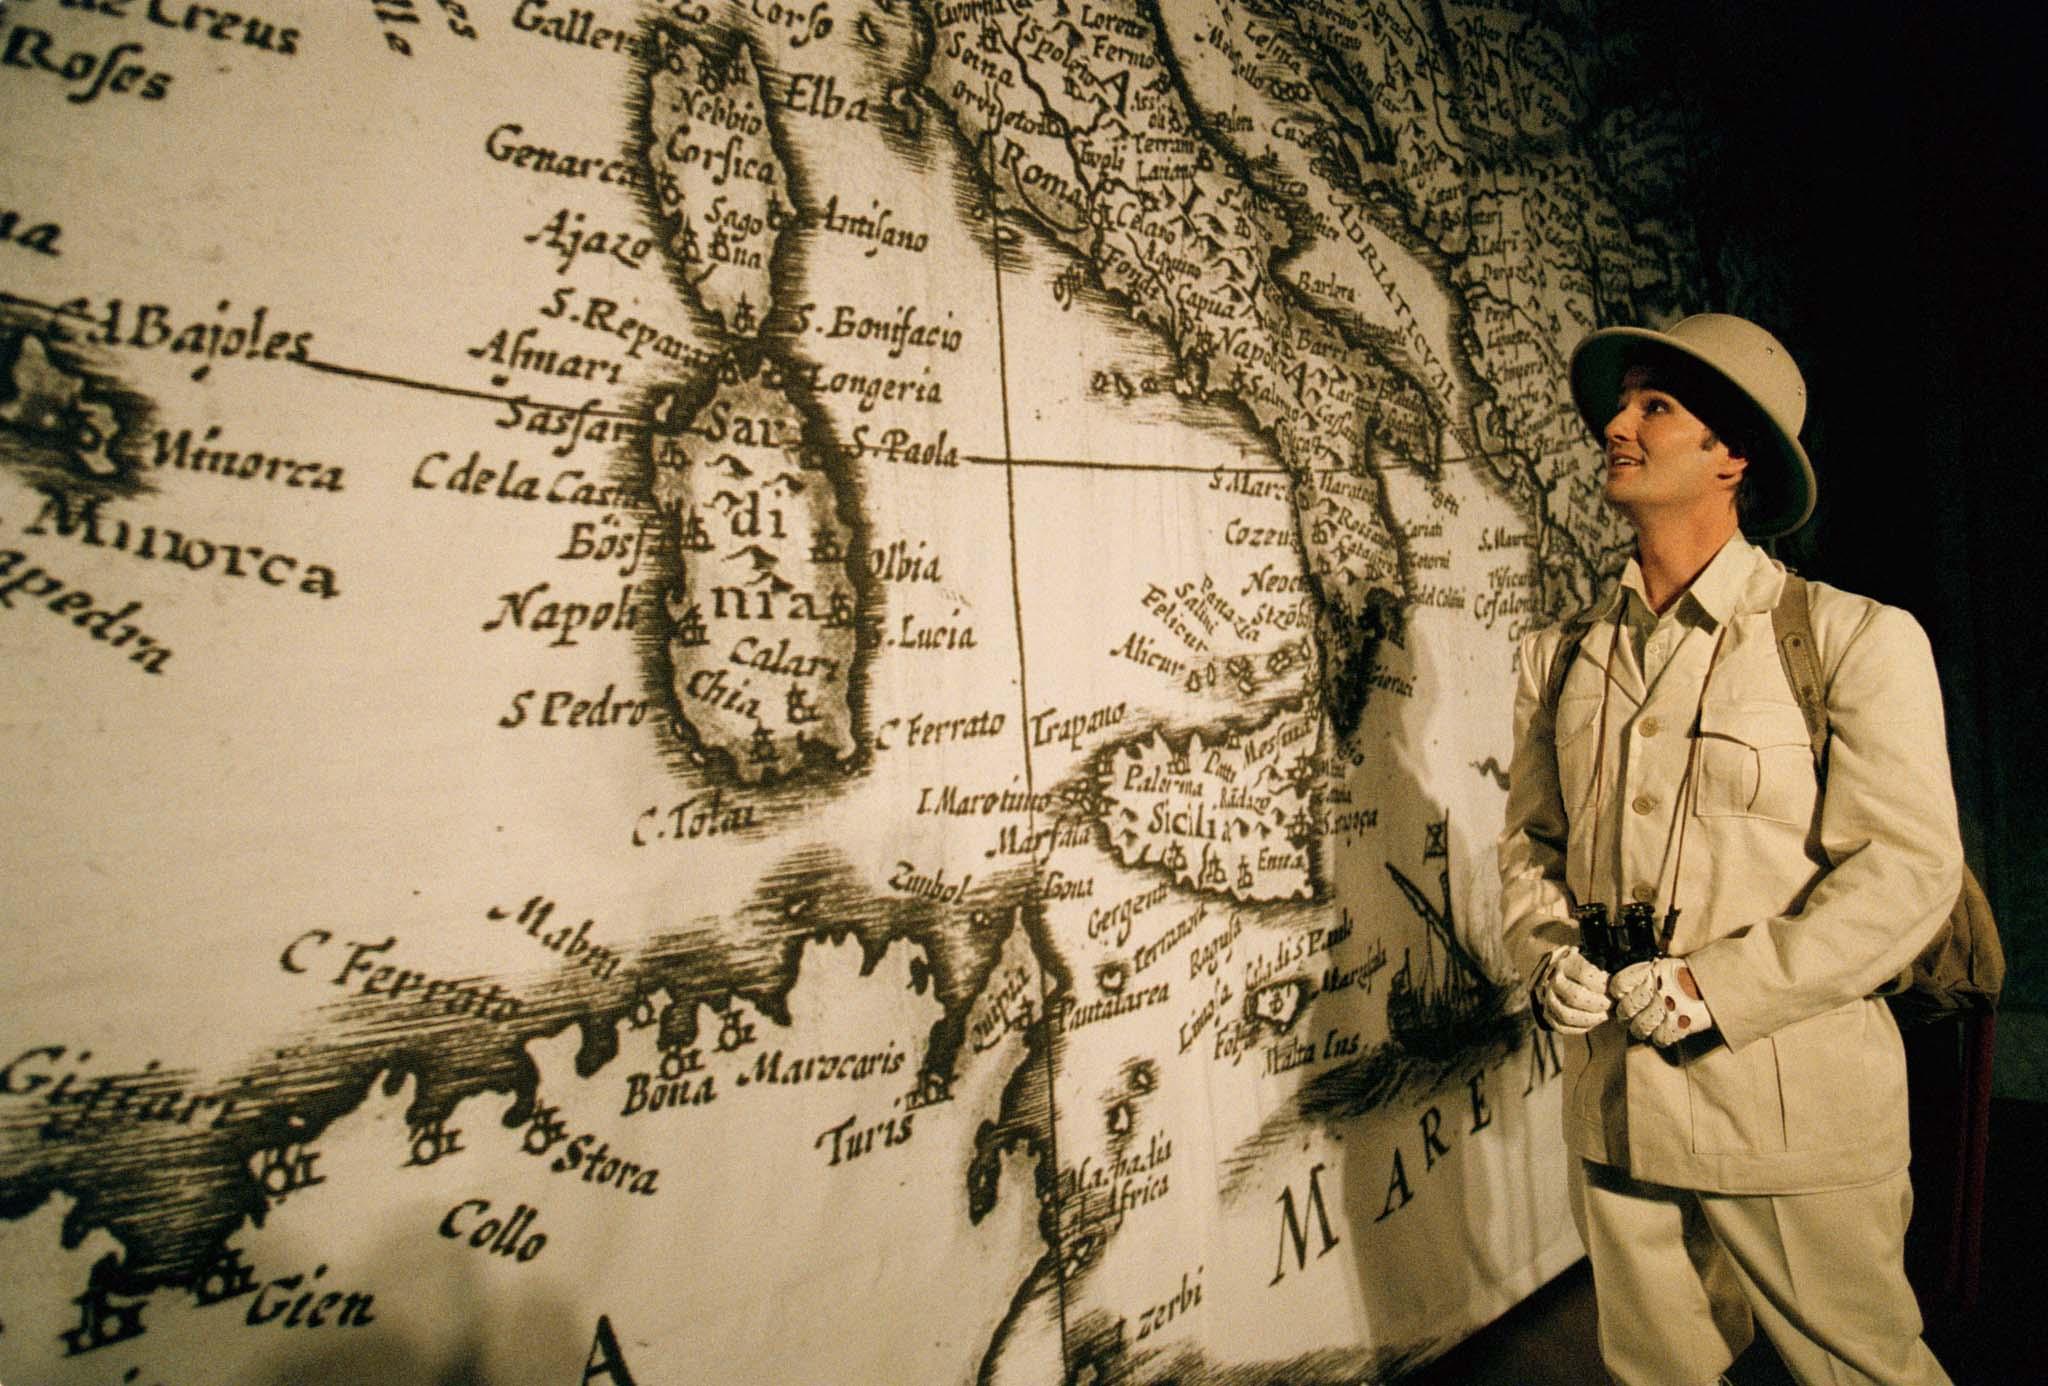 En safariklädd ung man med kikare i handen tittar förväntansfullt ut över en stor karta.